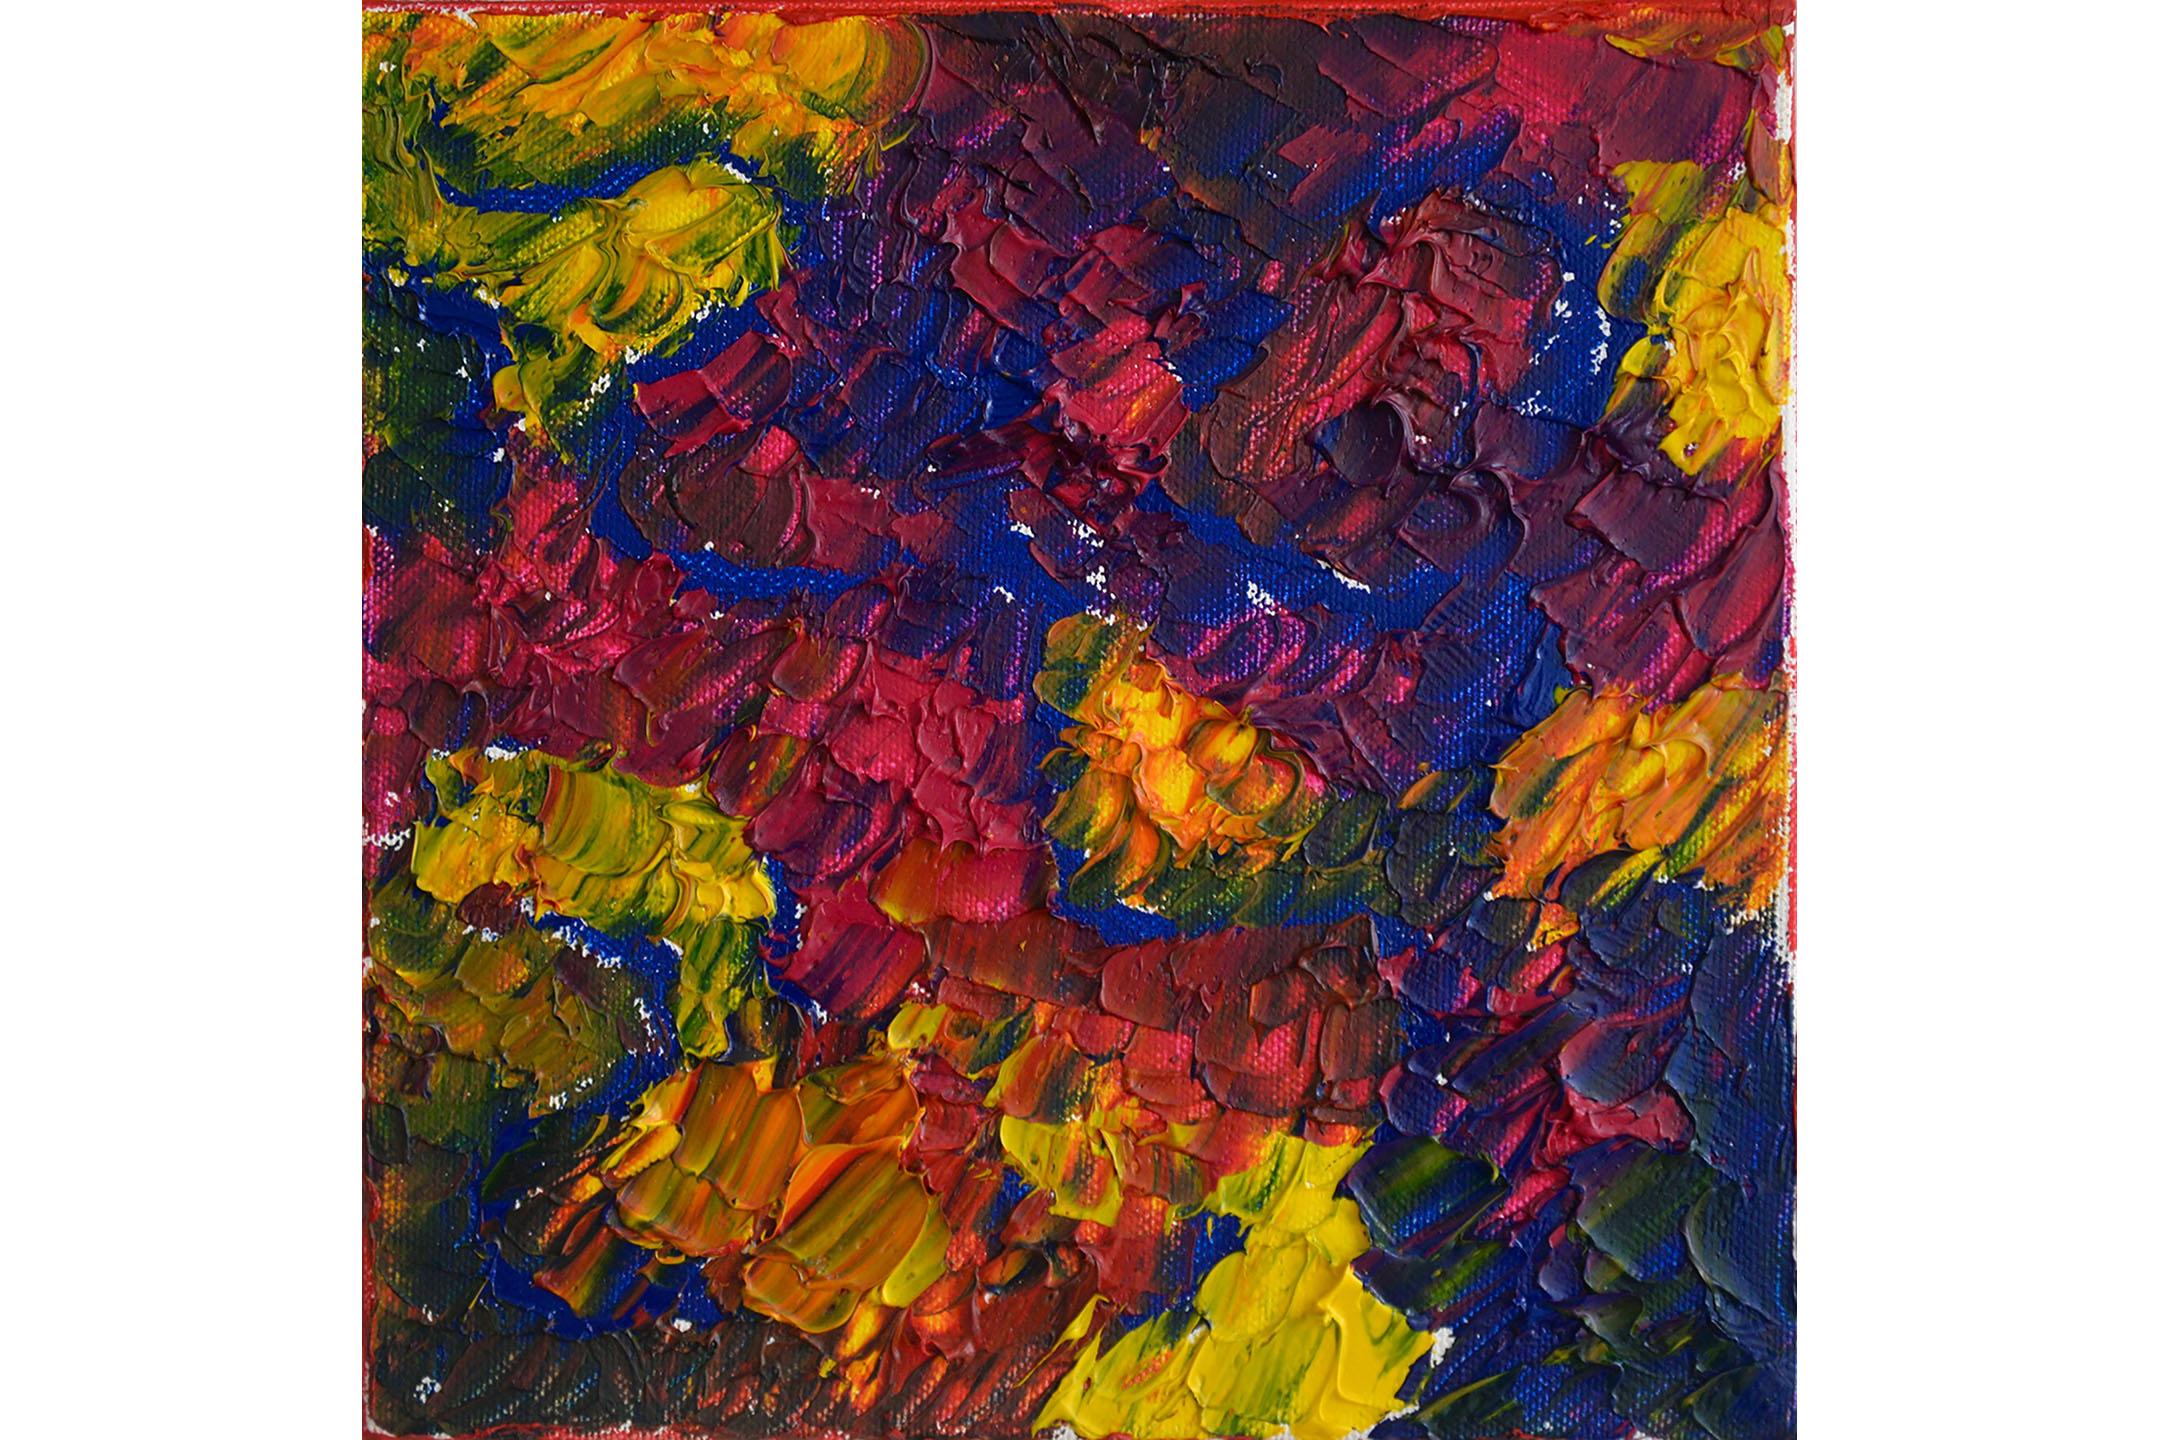 """Vera Sapozhnikova, Colors Play 5, Oil on canvas, 8"""" x 8"""", 2016"""